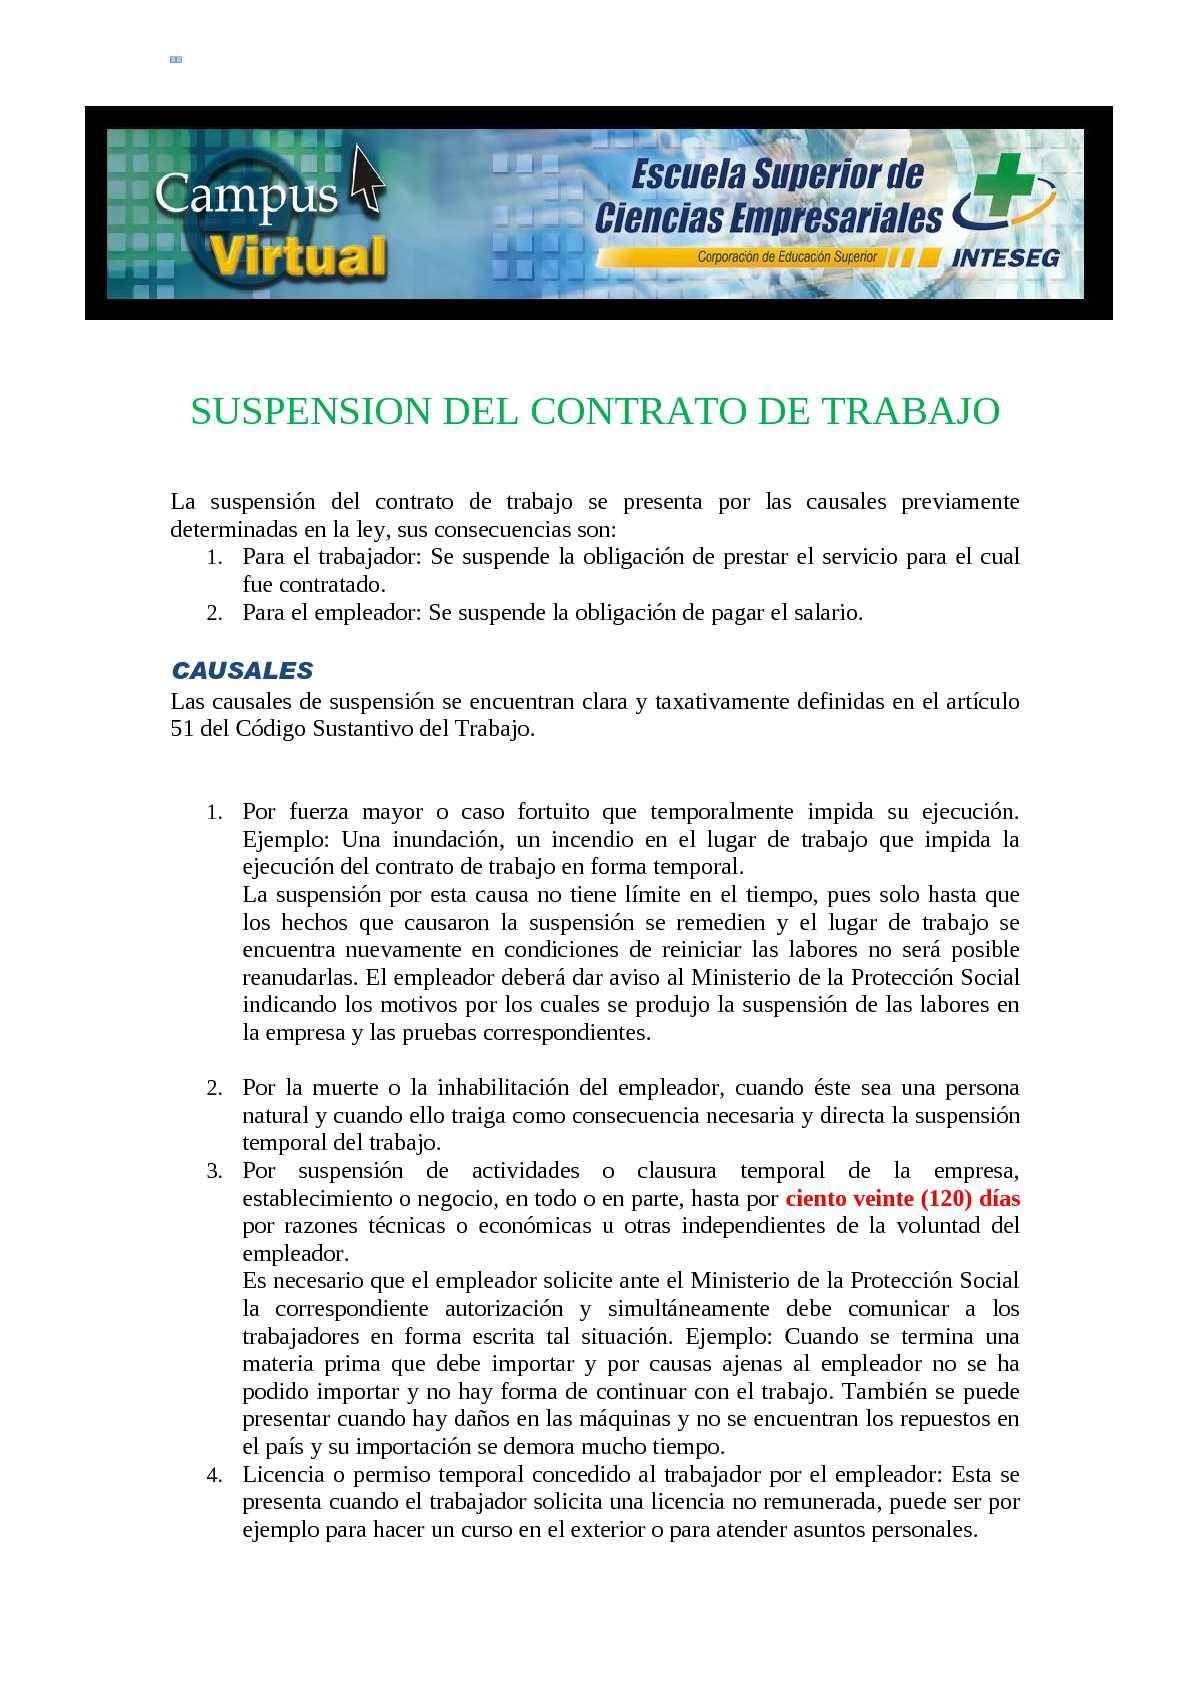 Calaméo - SUSPENSION DEL CONTRATO DE TRABAJO